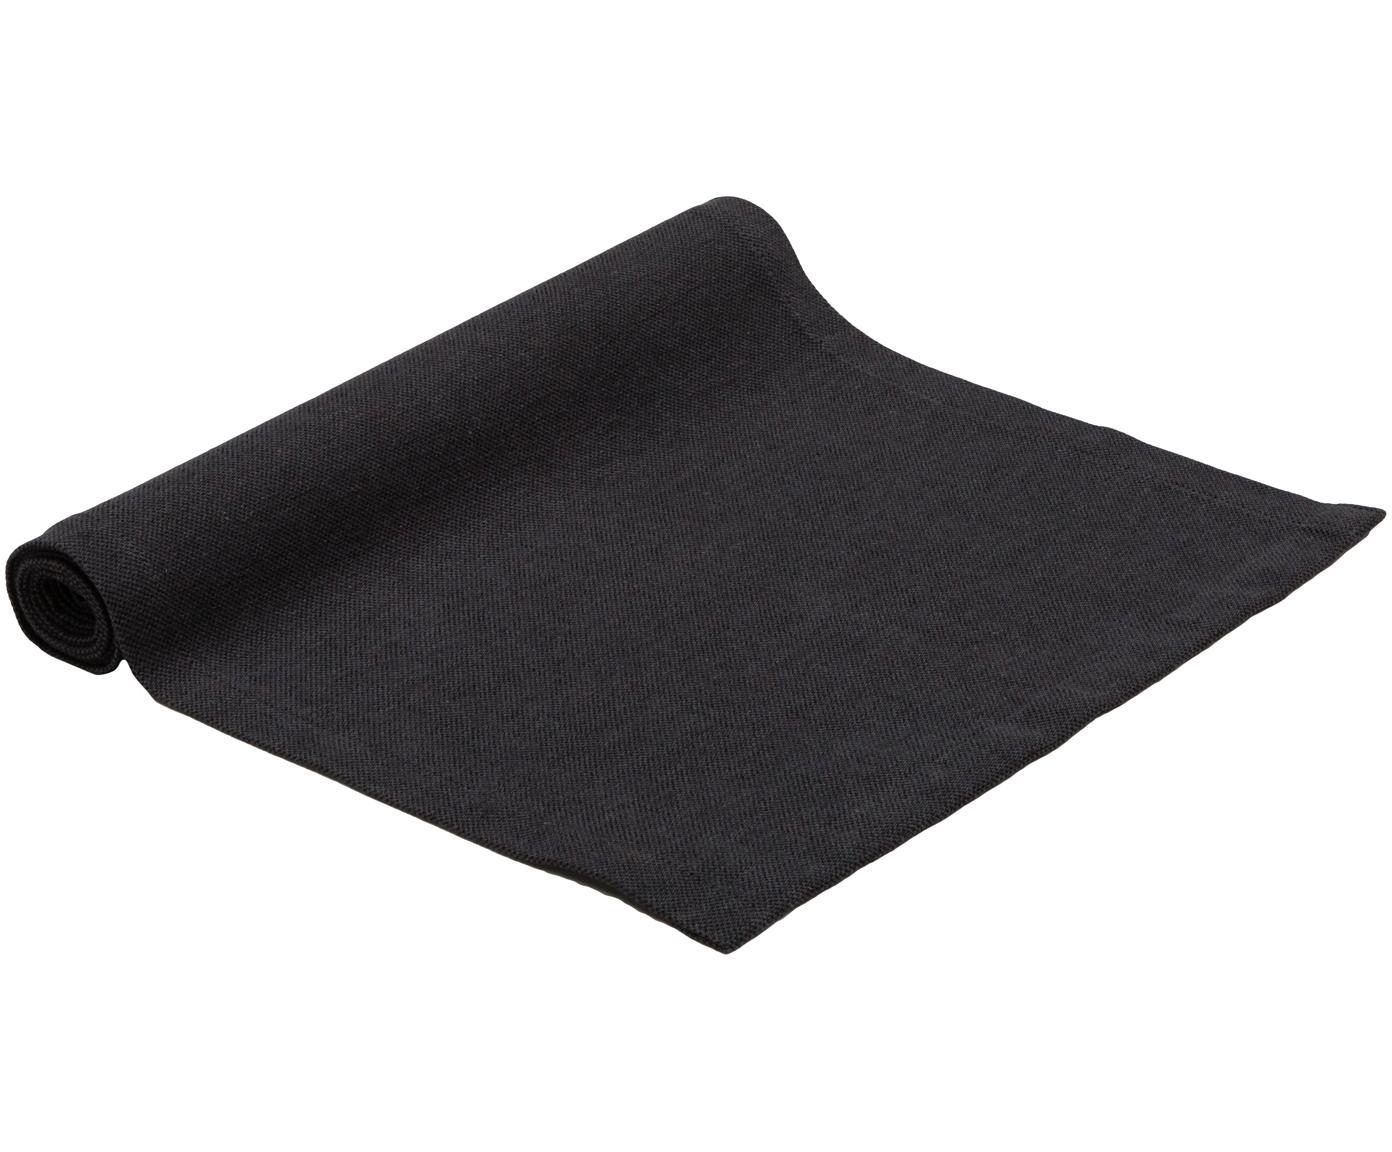 Tafelloper Riva, 55%katoen, 45%polyester, Antraciet, 40 x 150 cm